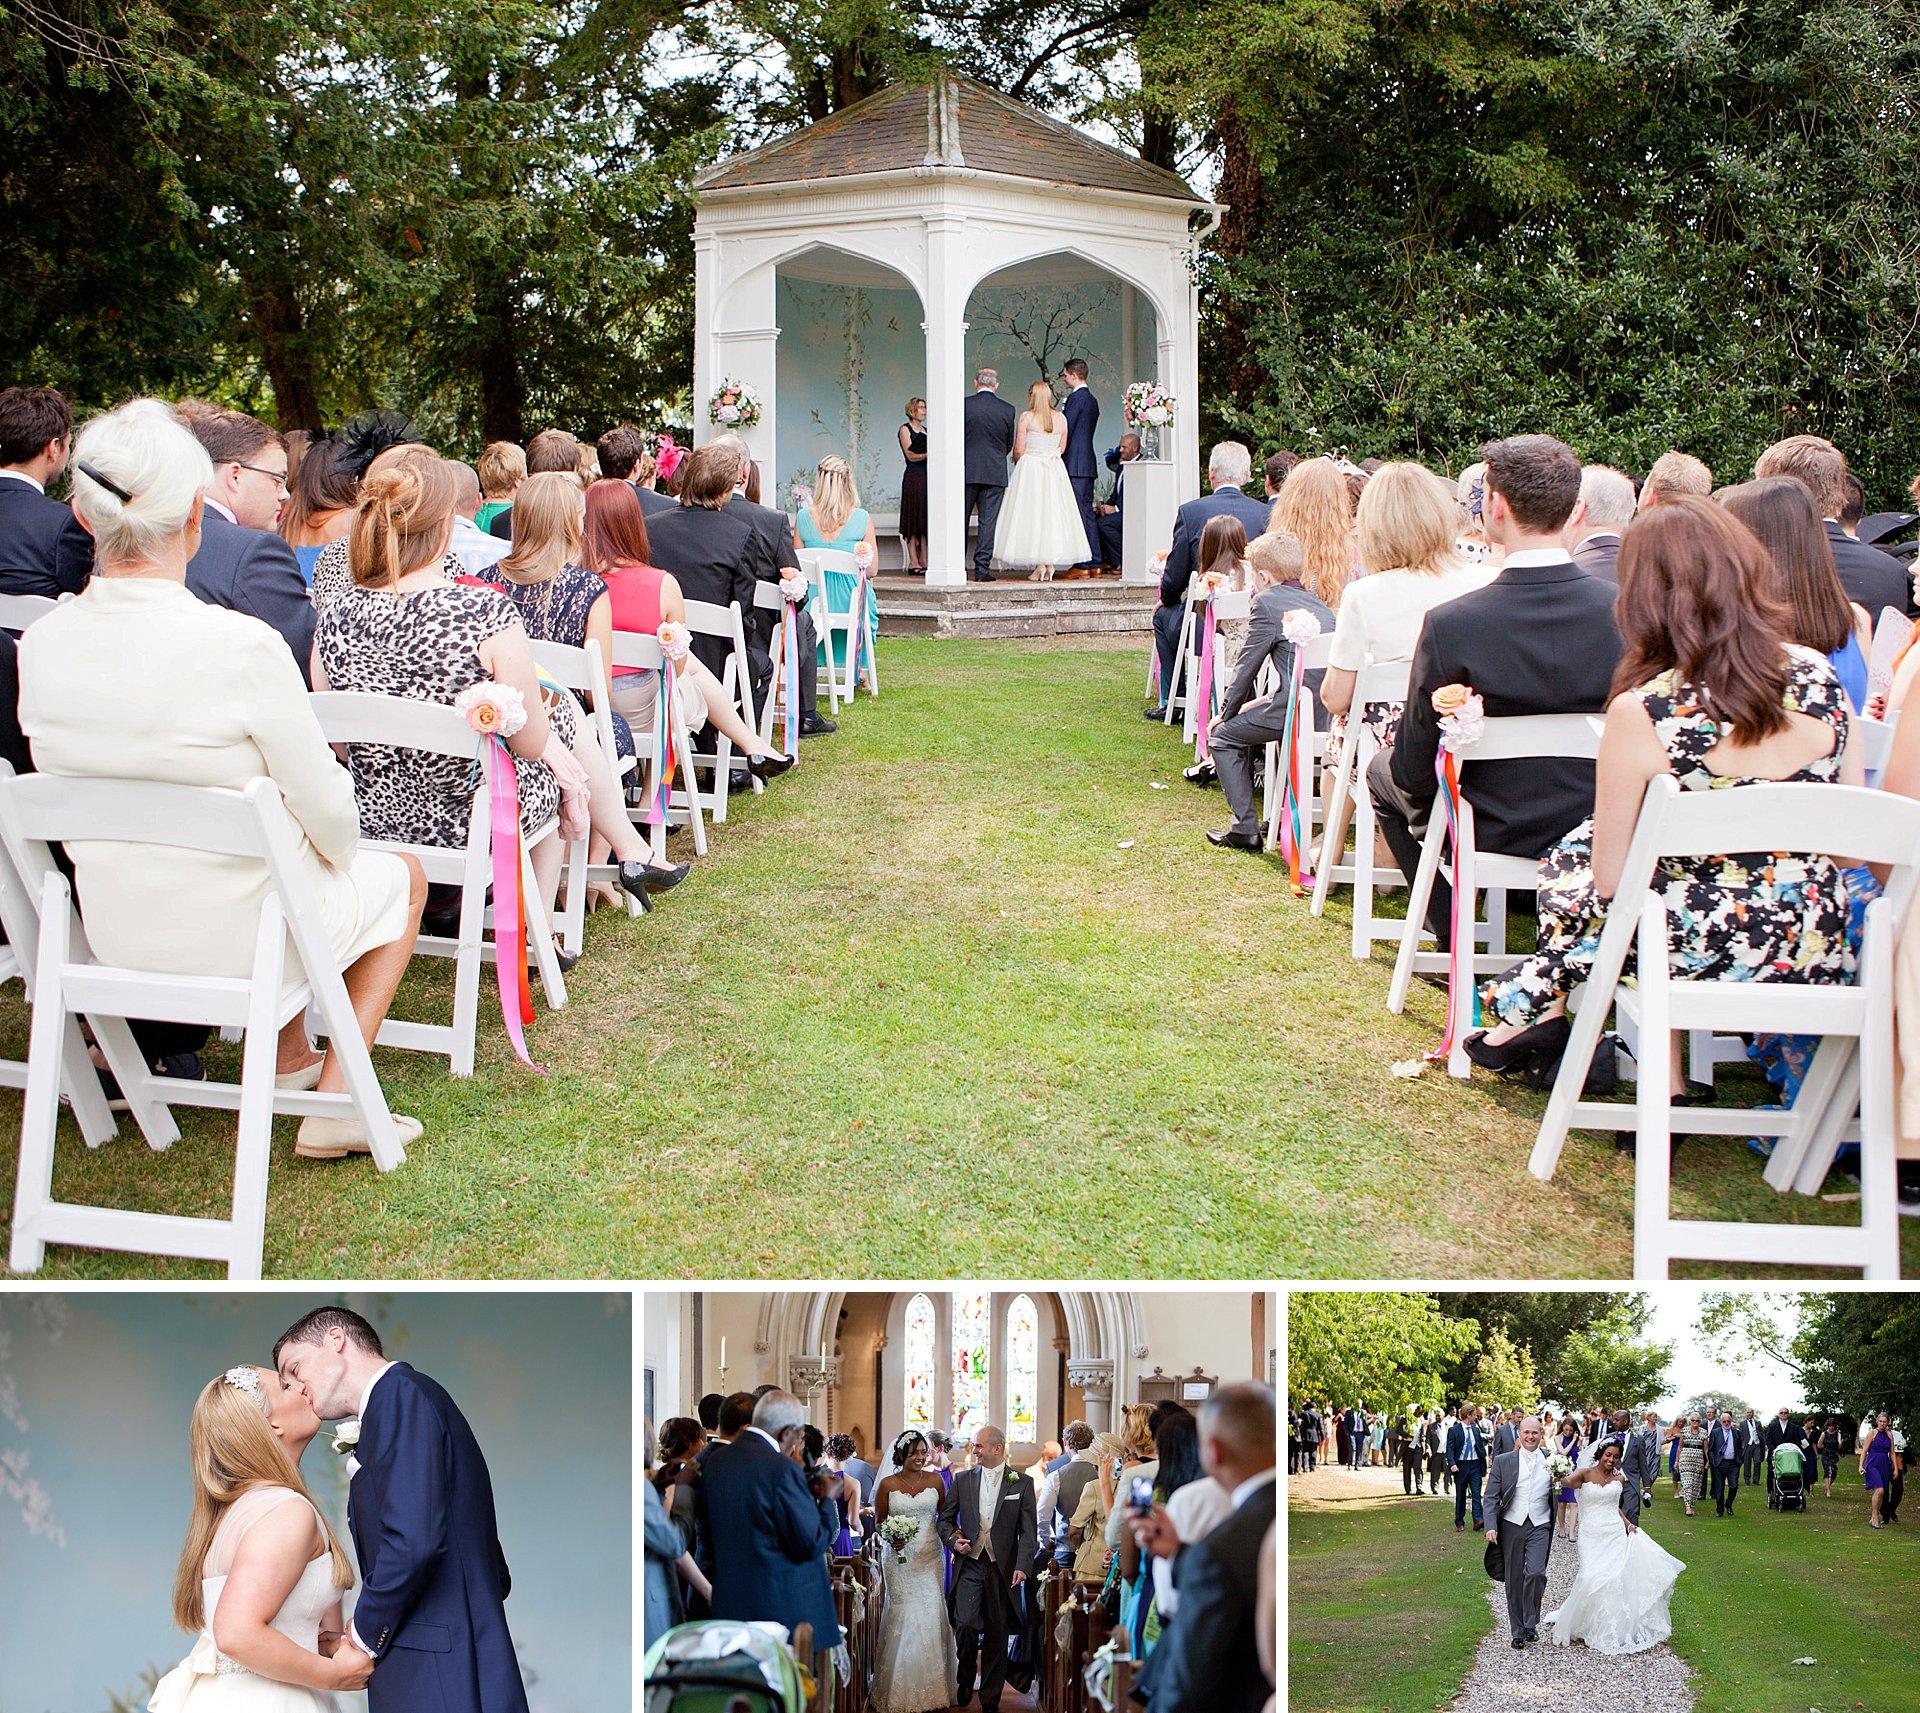 Aldermaston Wedding Ceremonies